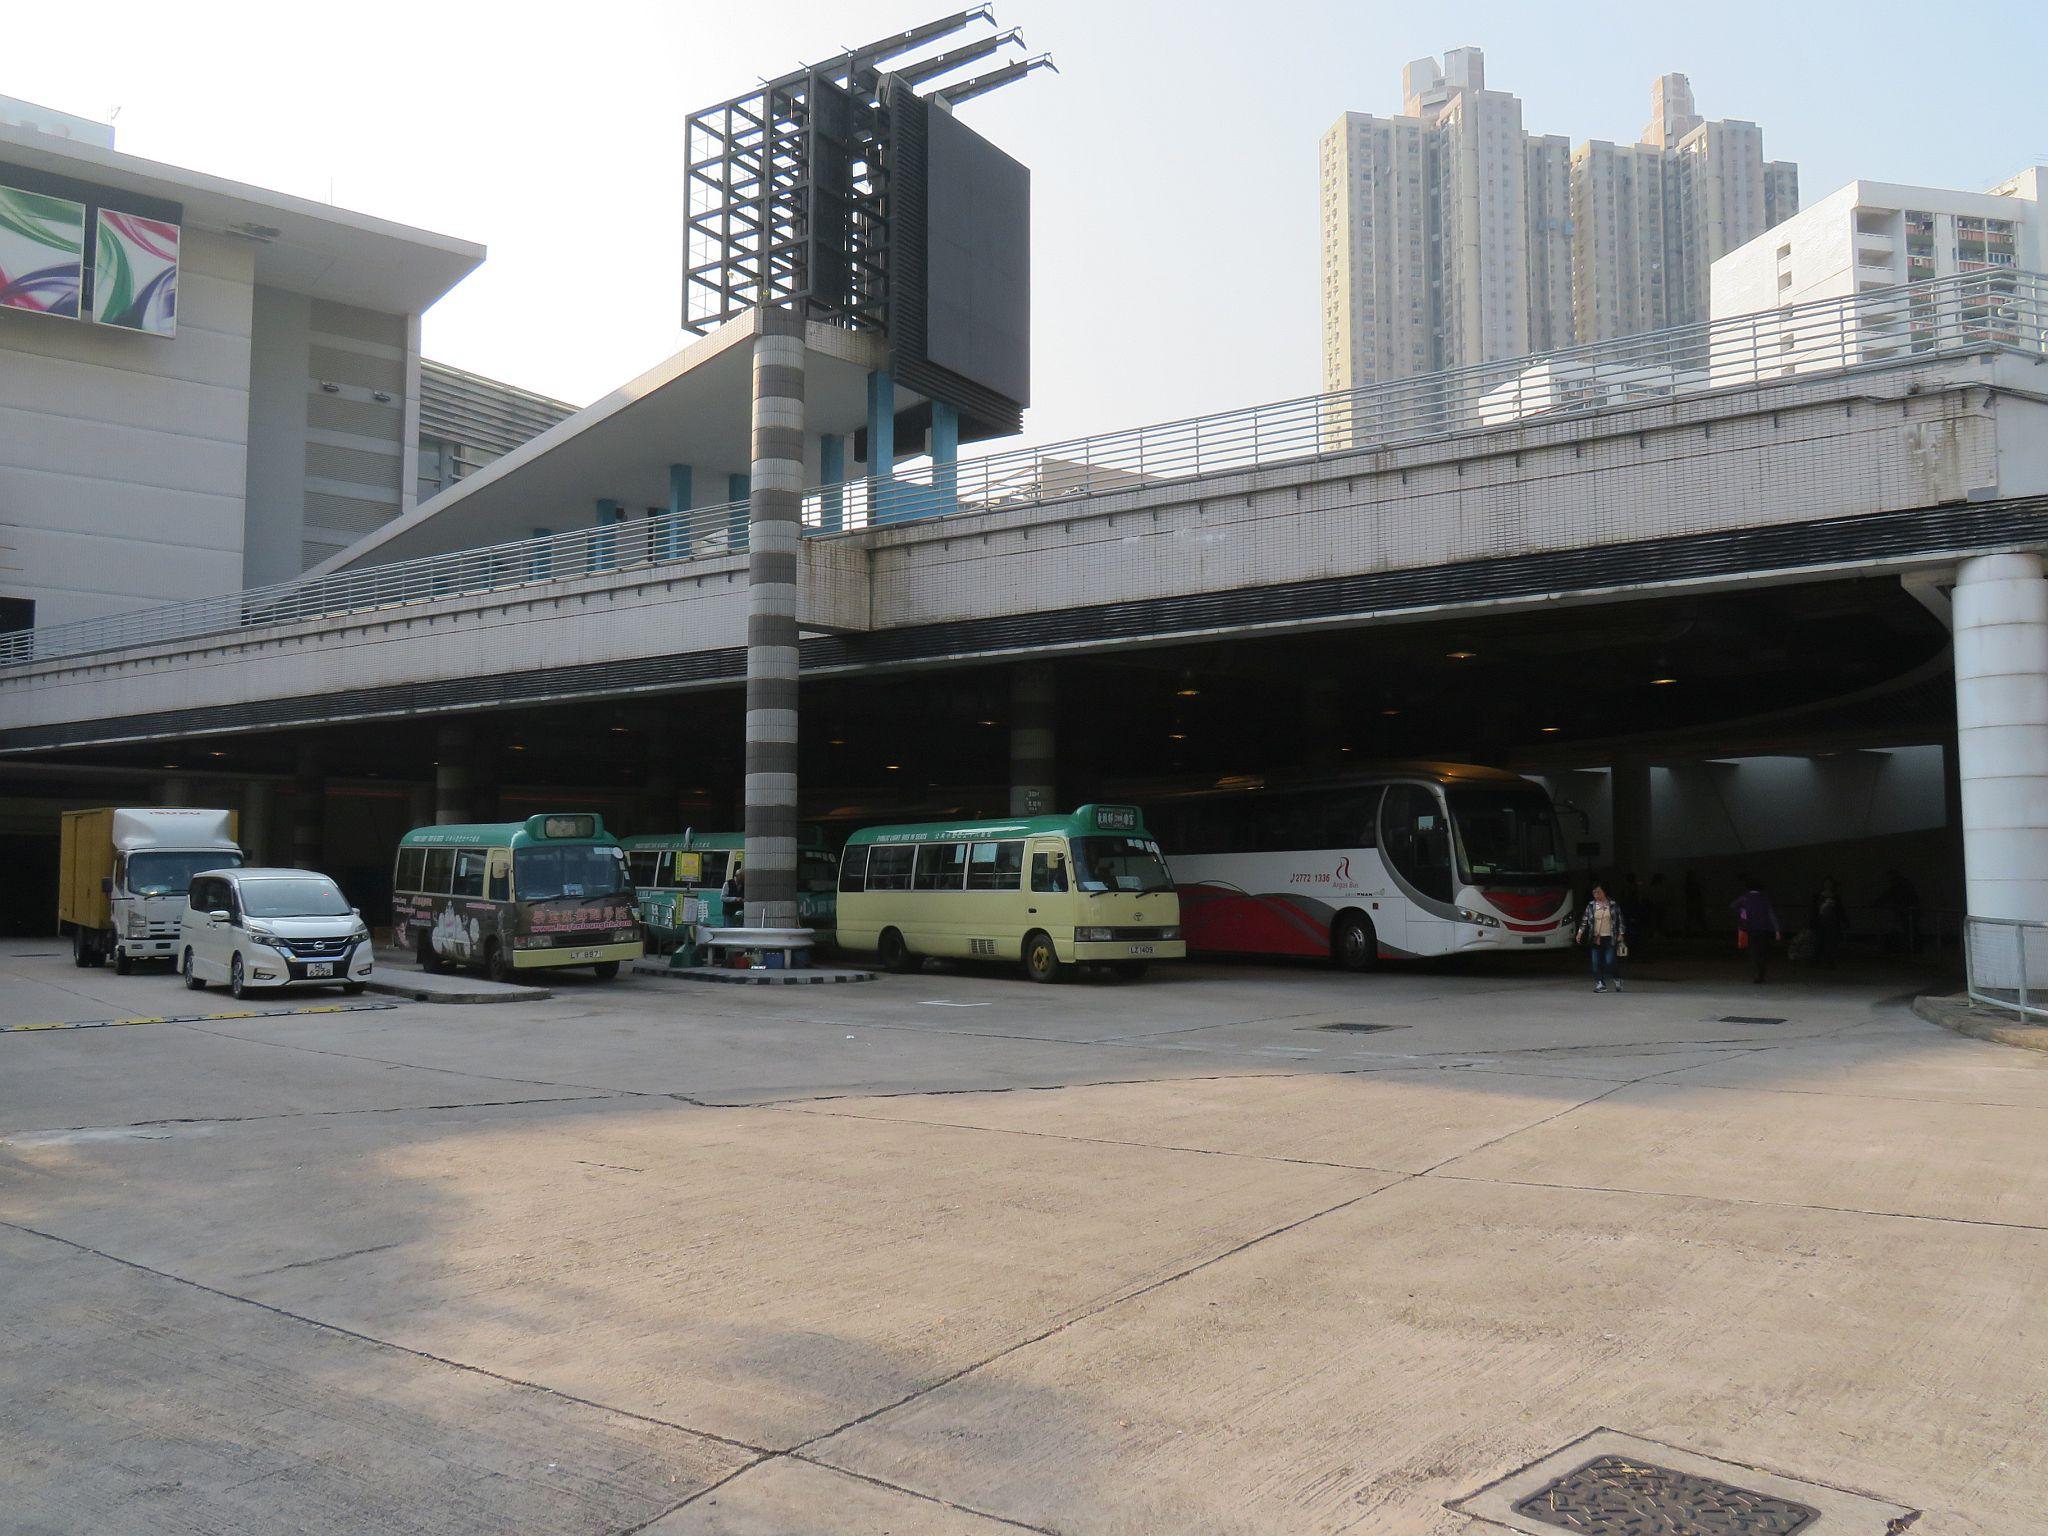 樂富廣場公共運輸交匯處